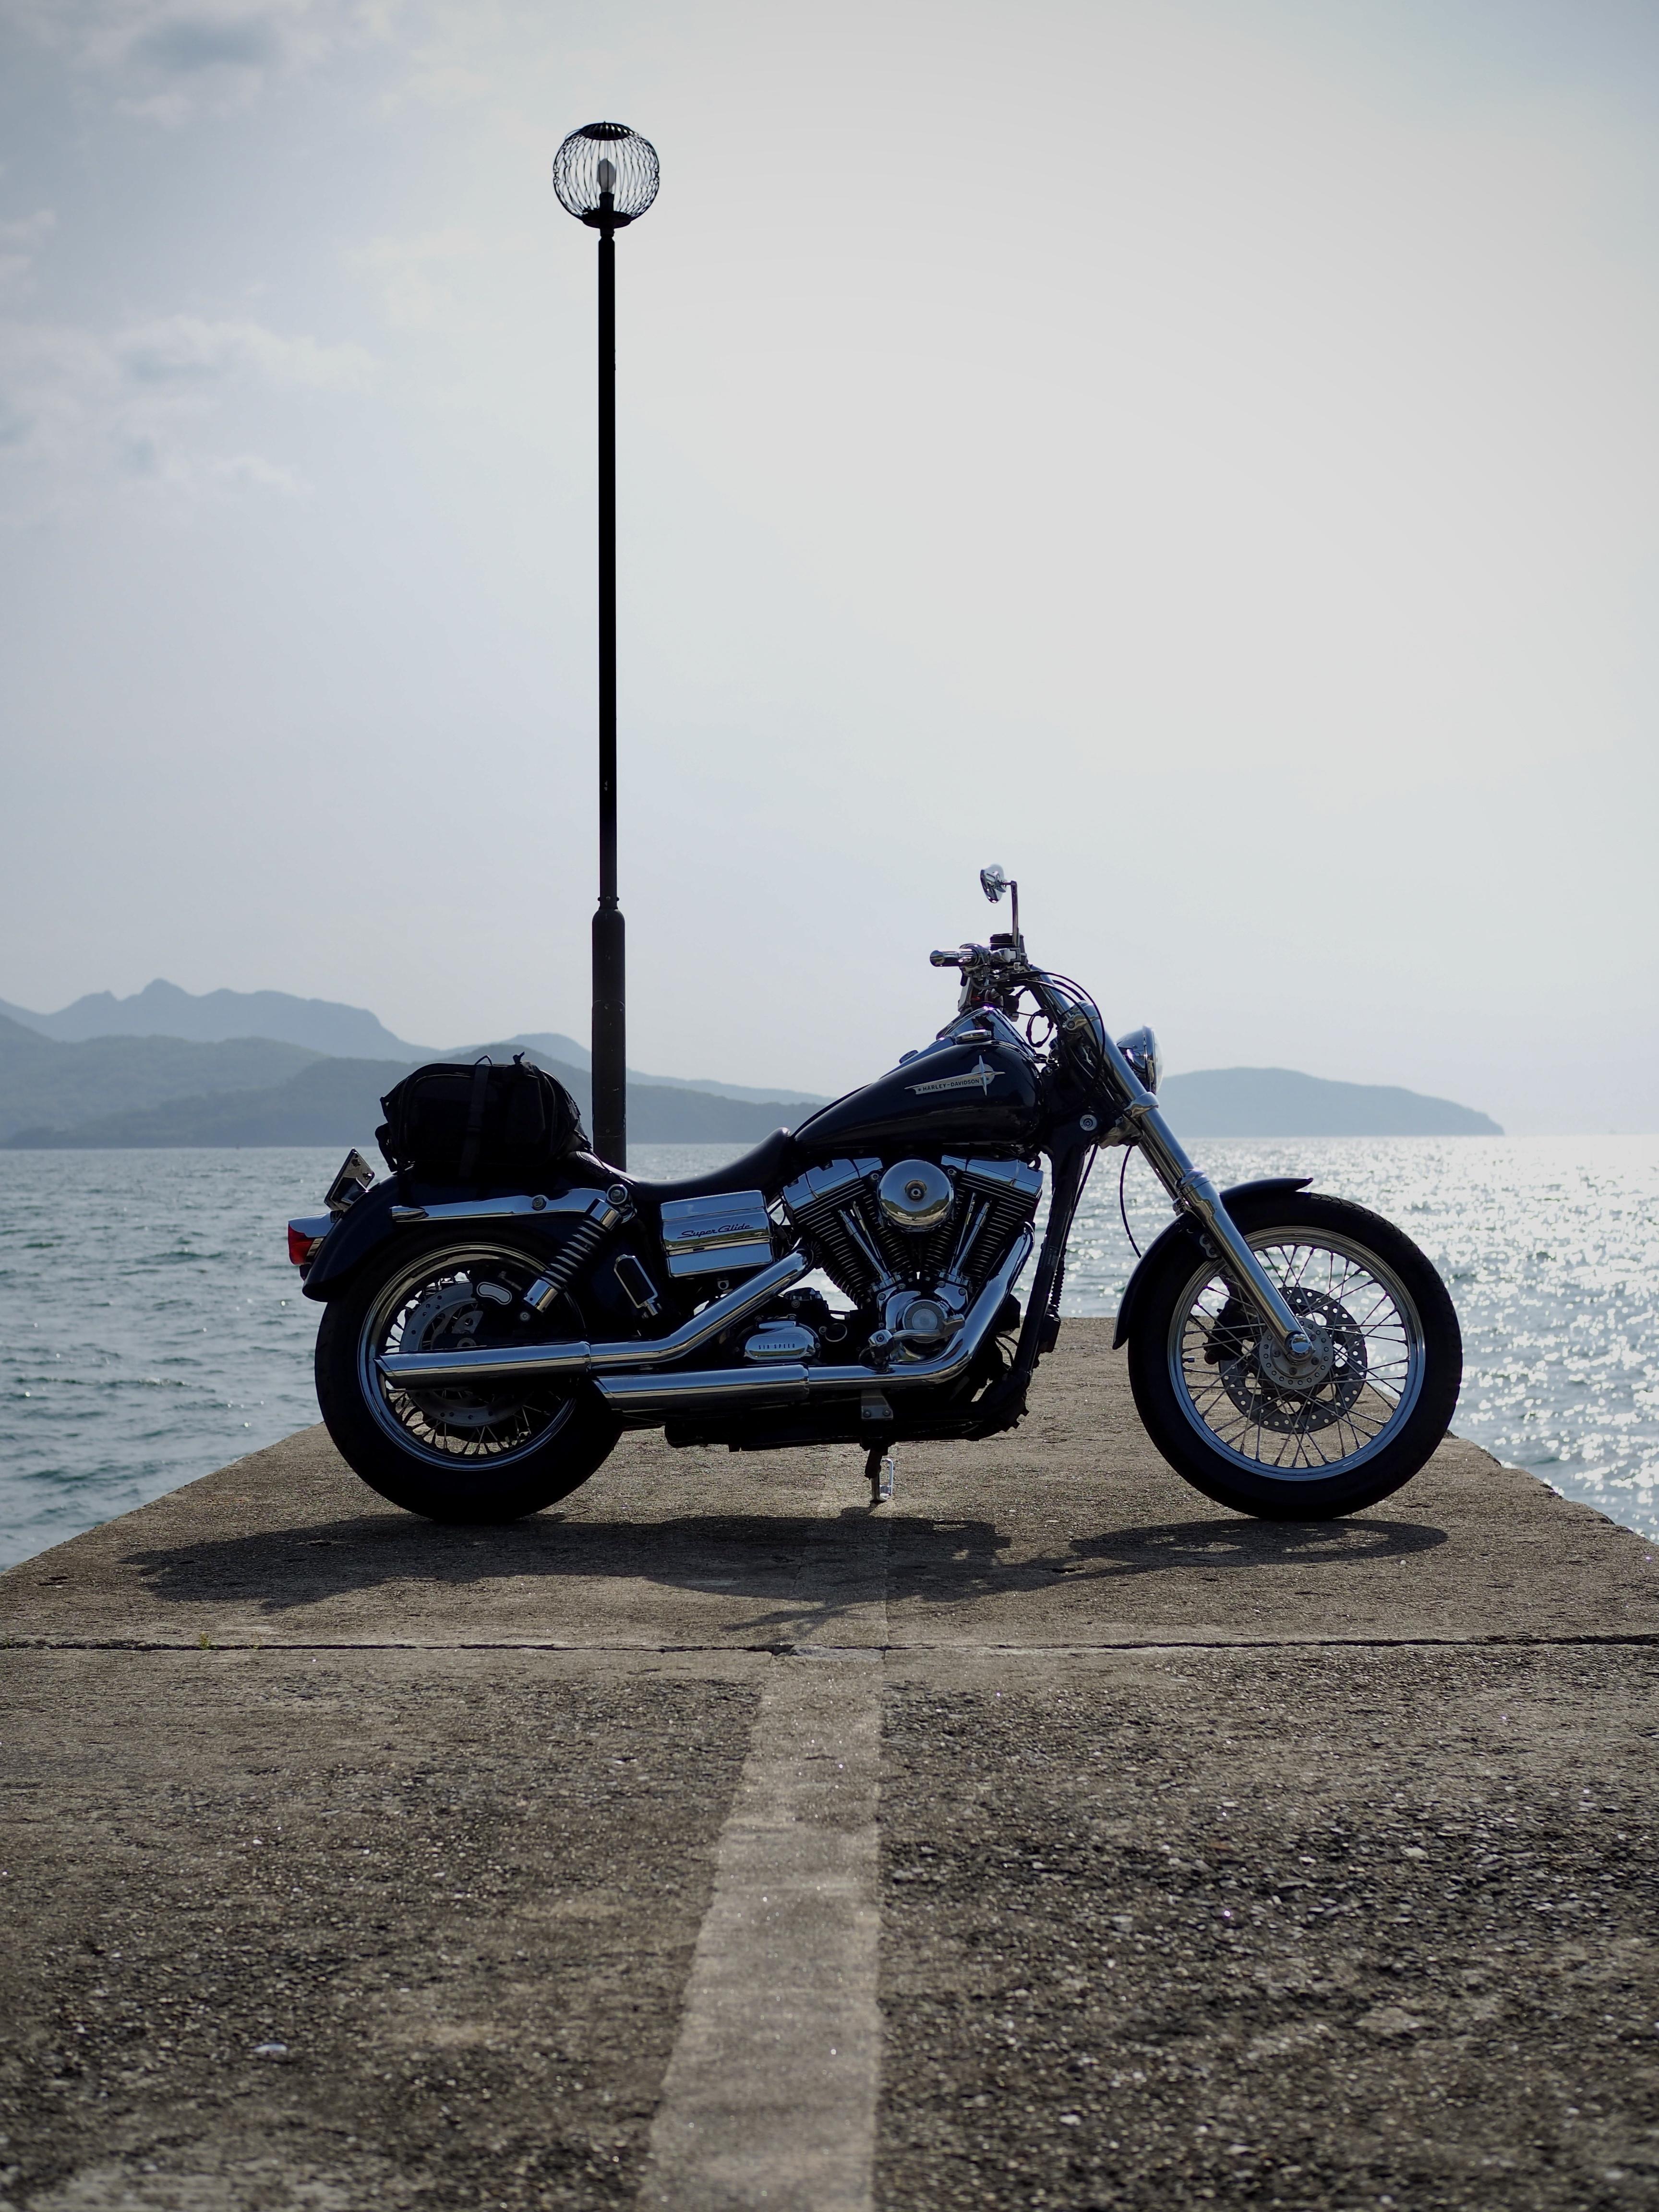 小豆島ツーリング 絶景とグルメ ハーレー 旅 一人 瀬戸内海 防波堤